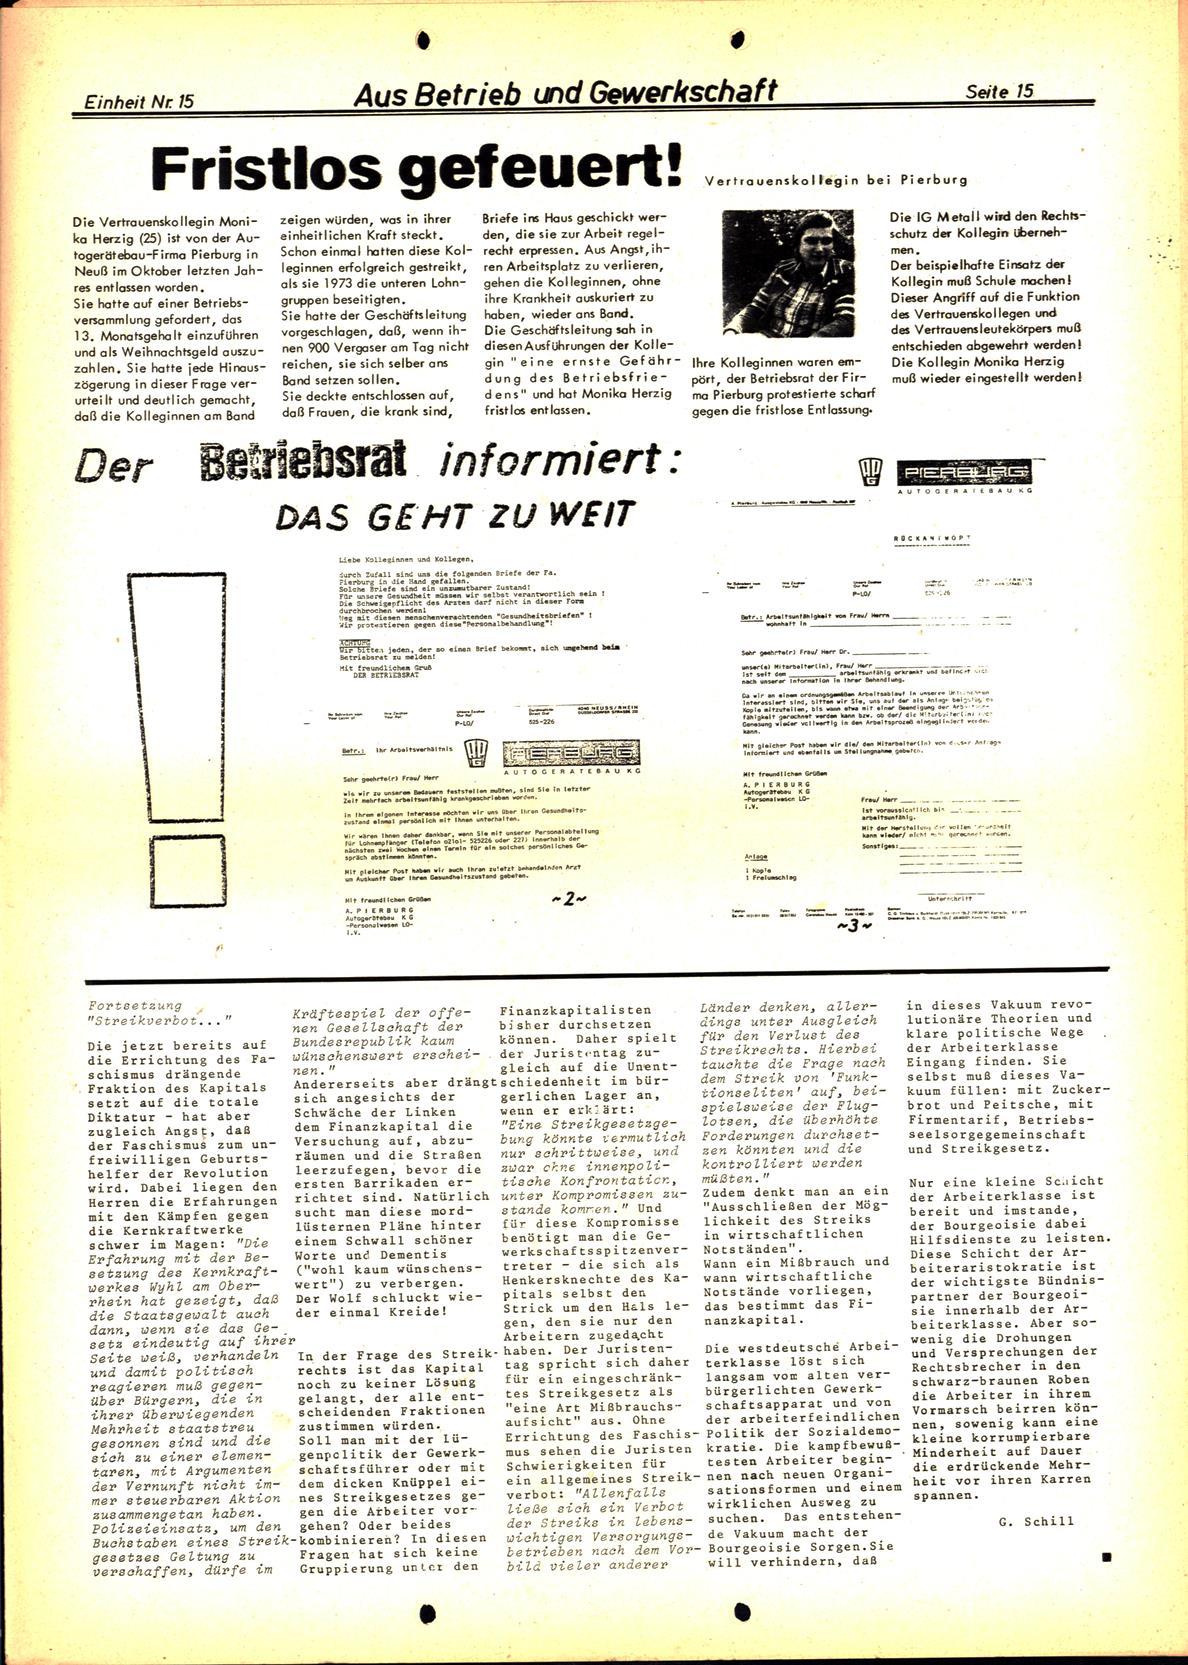 Koeln_IPdA_Einheit_1977_015_015